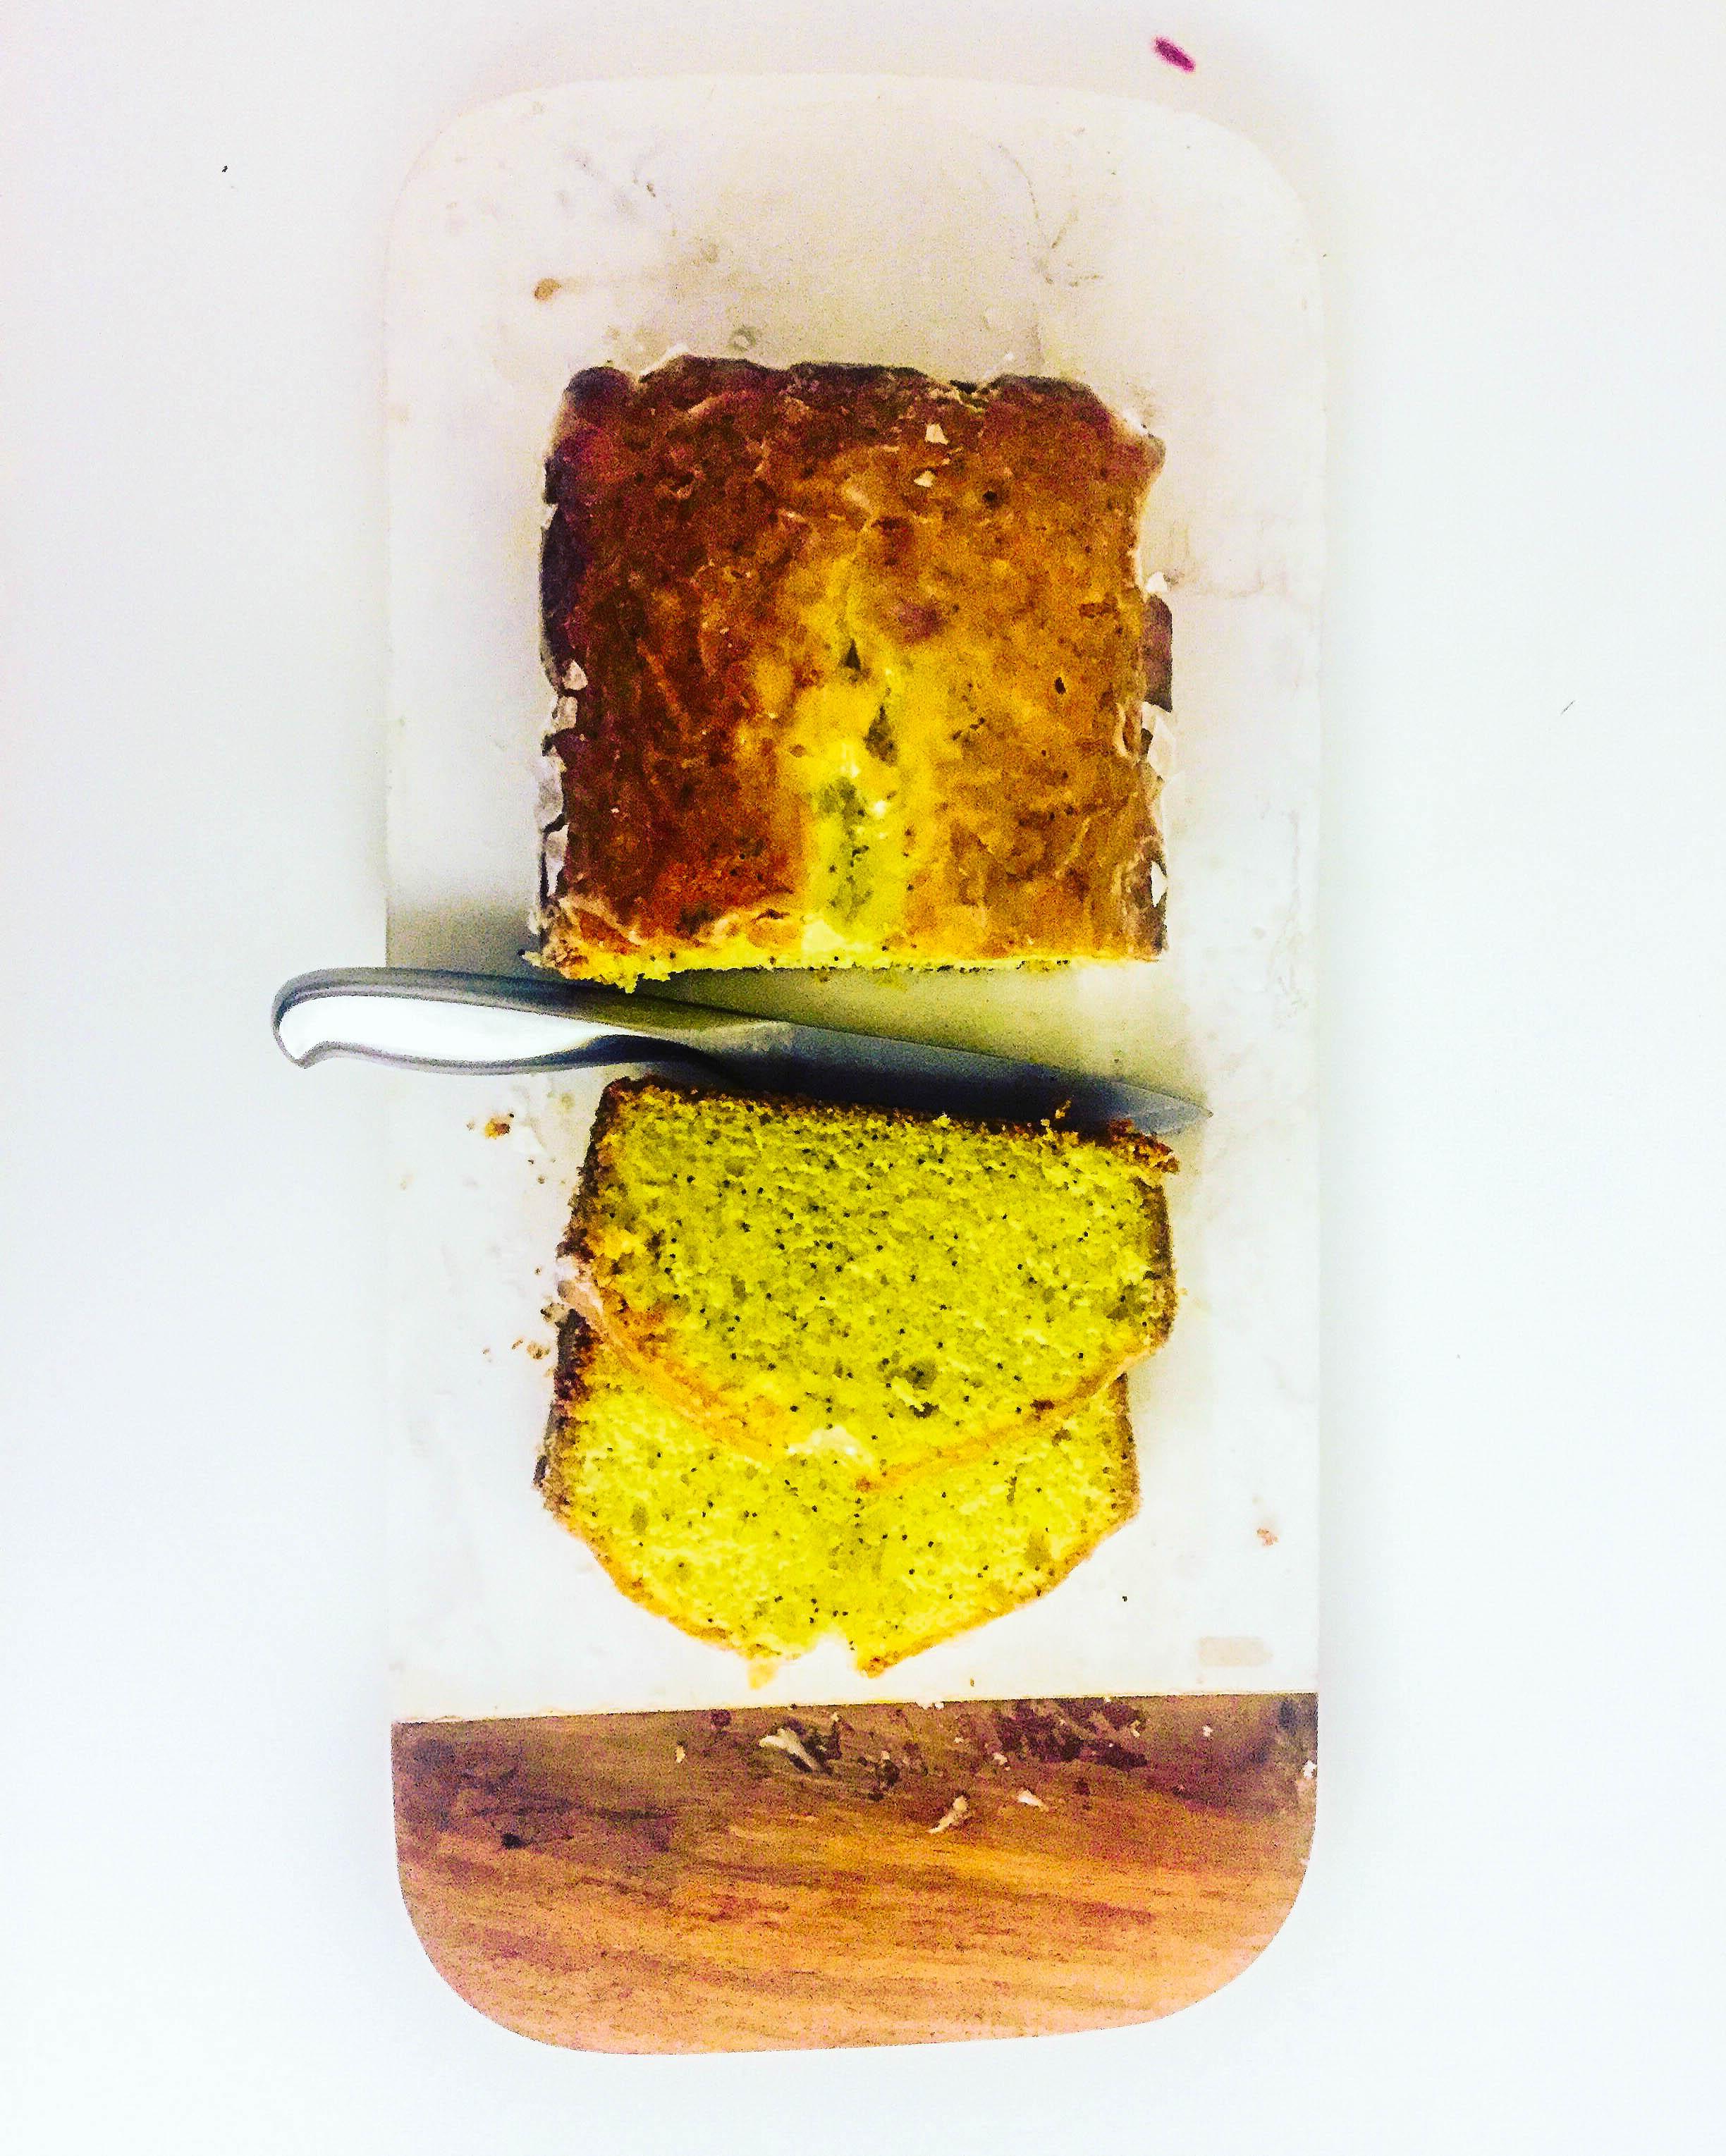 The Best Lemon Poppyseed Cake Recipe Ever